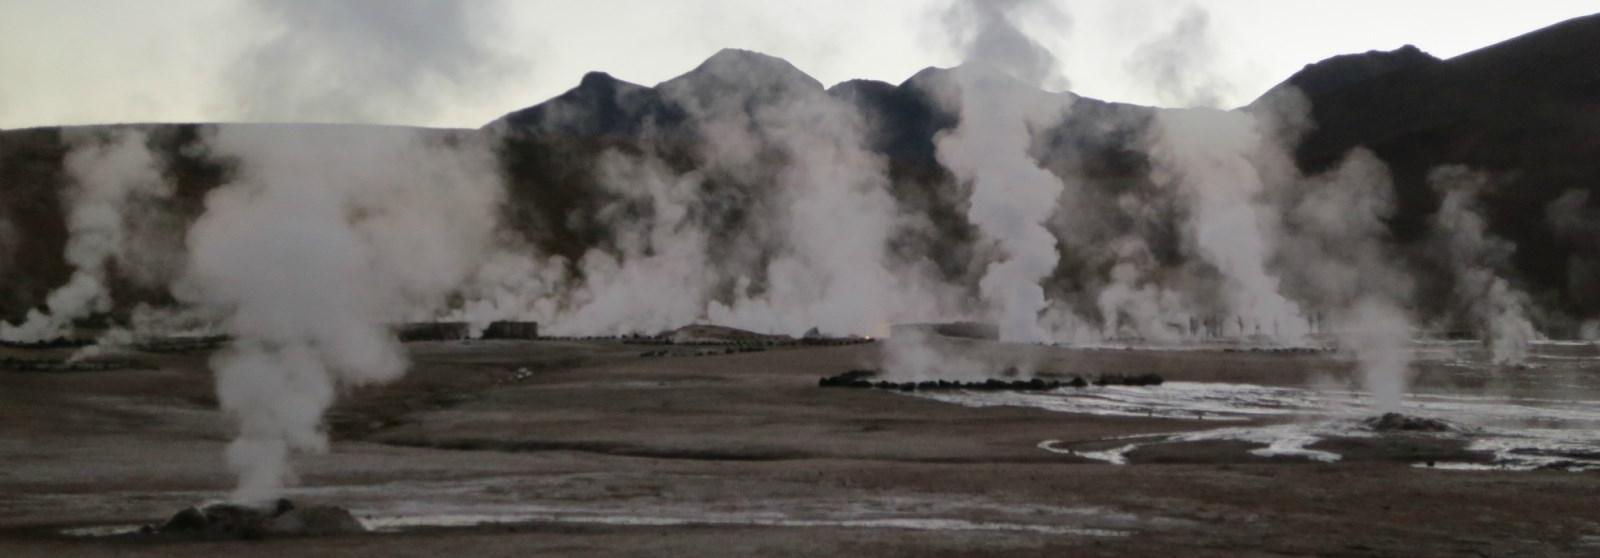 Impresionante Profecía dada a una Colombiana sobre el Vuelco 180º de la Tierra